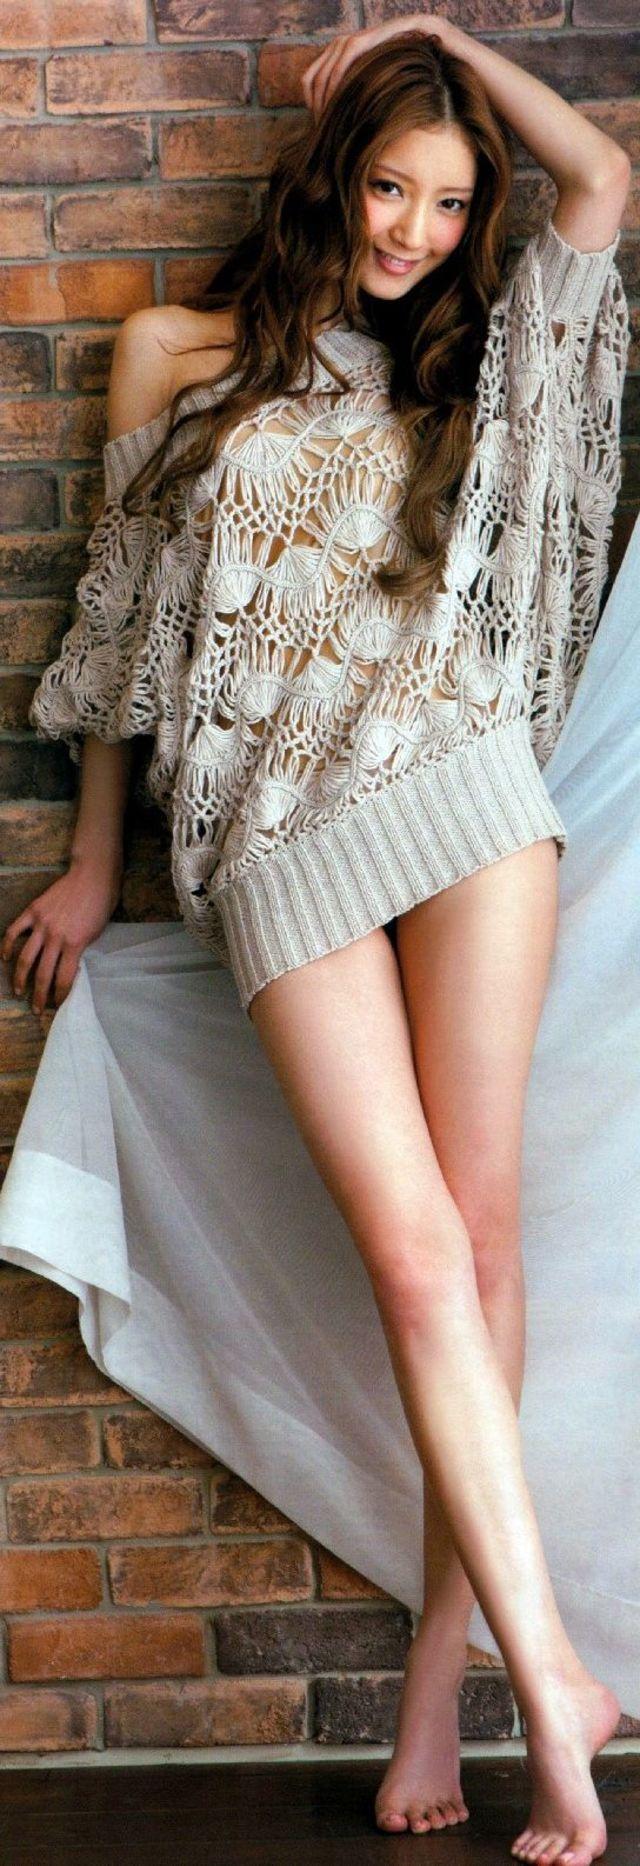 2週間でセクシー美脚に!おうちで超簡単エクササイズ♡ - Locari(ロカリ)